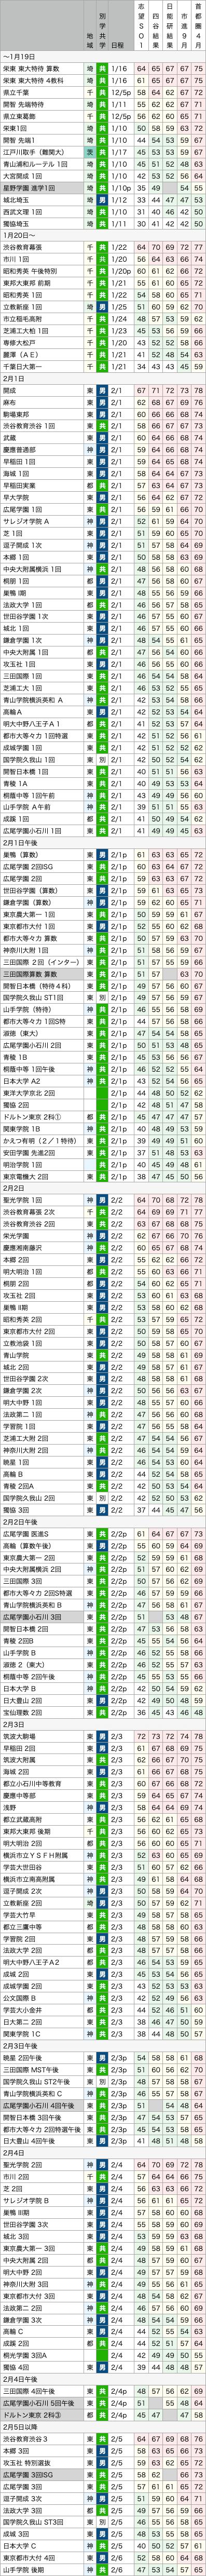 https://e-tutor.tokyo/data/20210505/s2.png